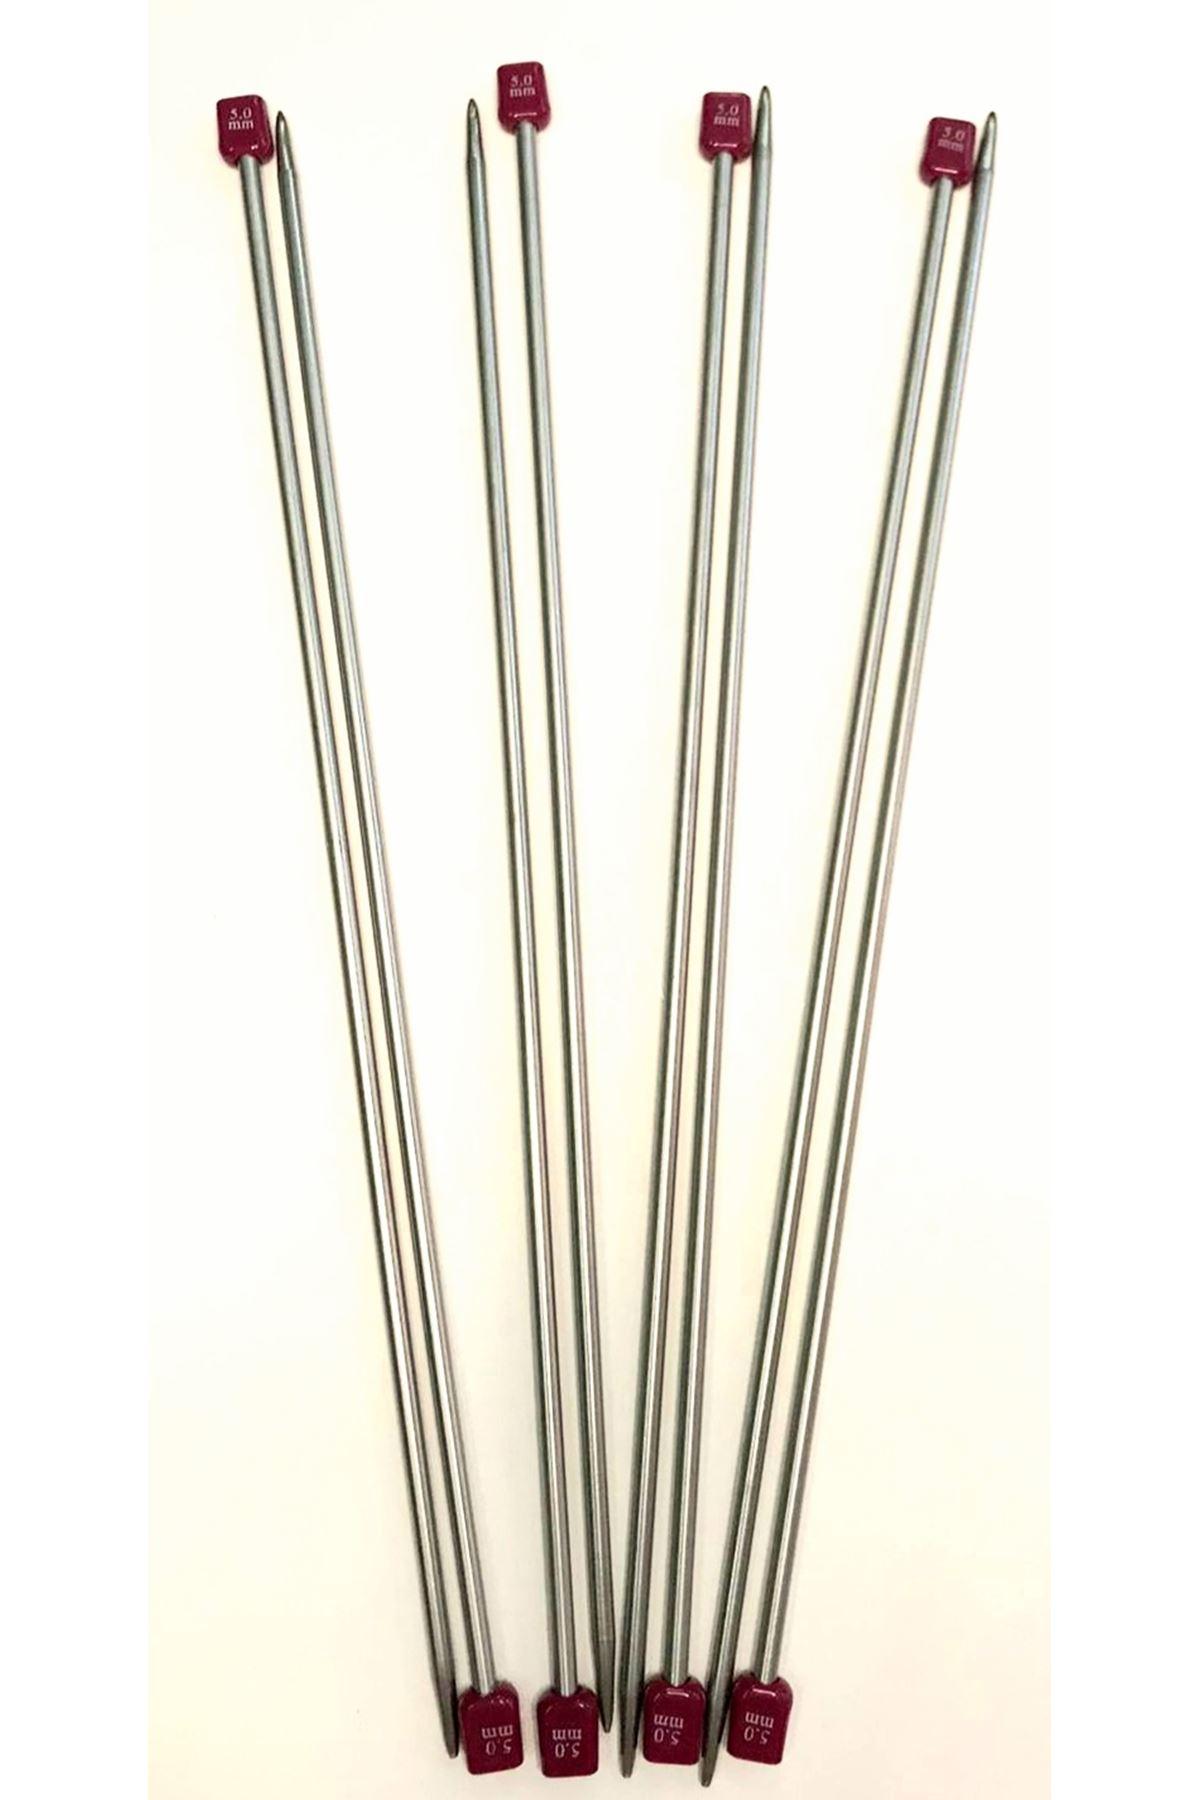 Titanyum/Çelik Şiş 4,0 mm